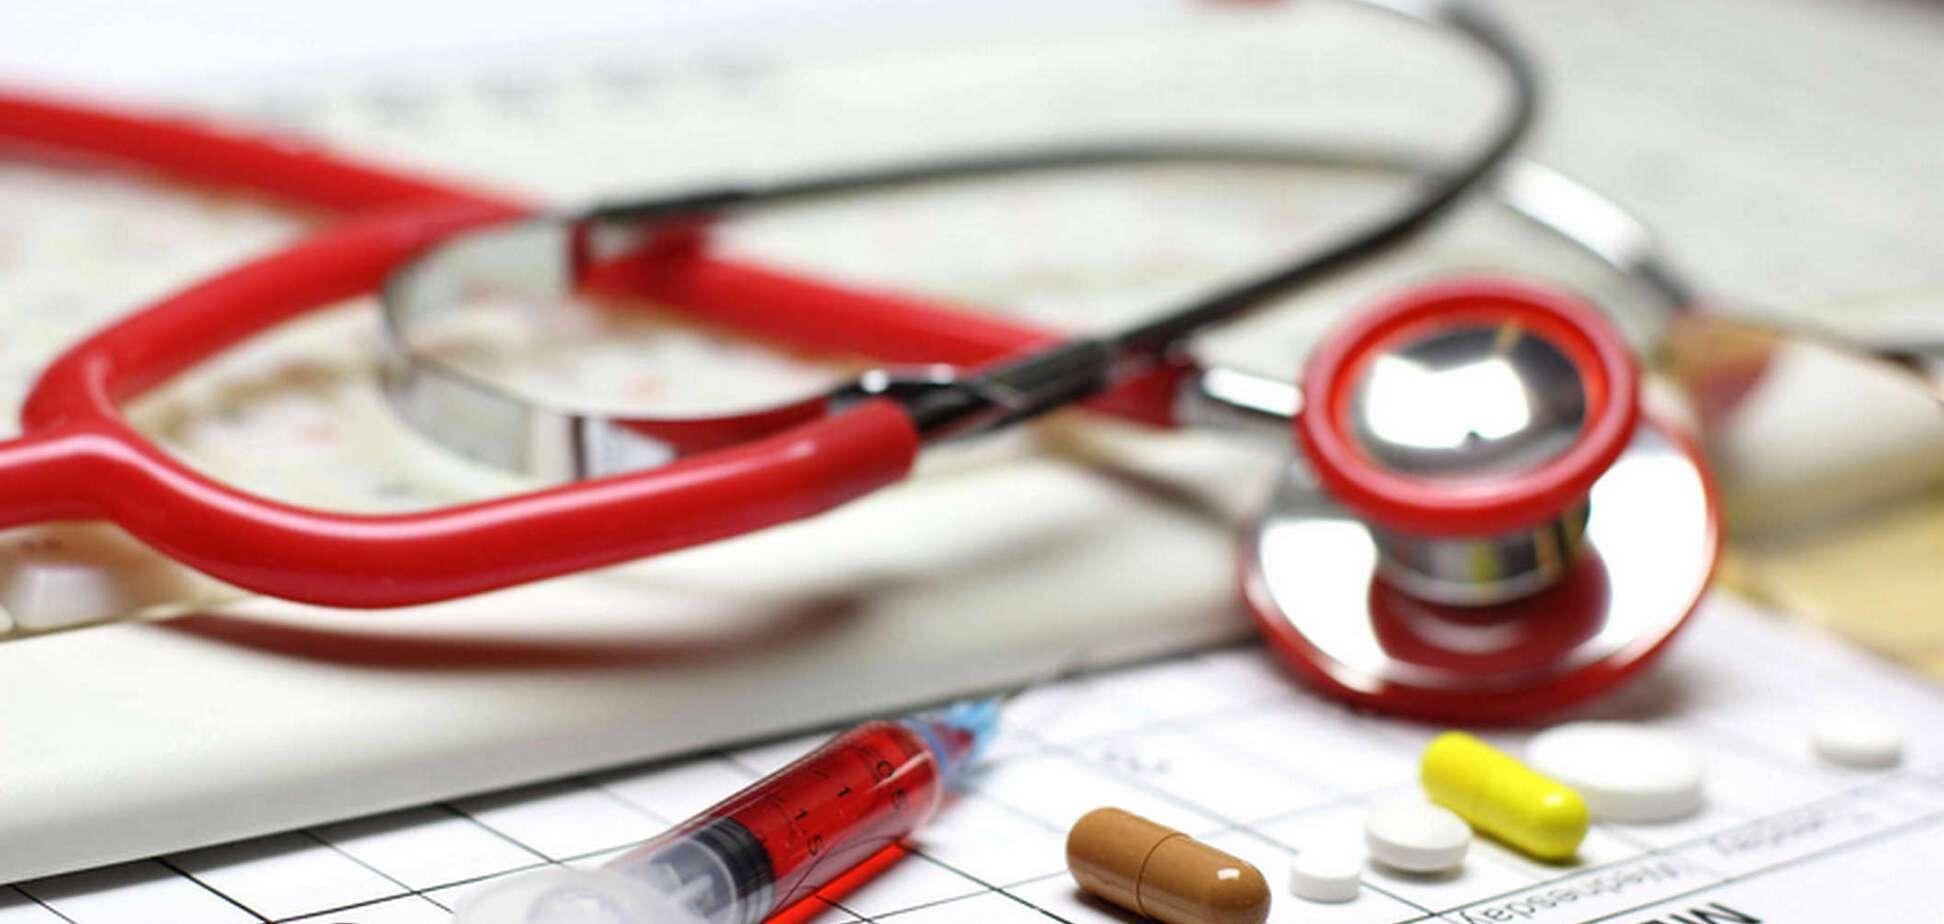 Программа медицинских гарантий: стало известно, как будут лечить украинцев